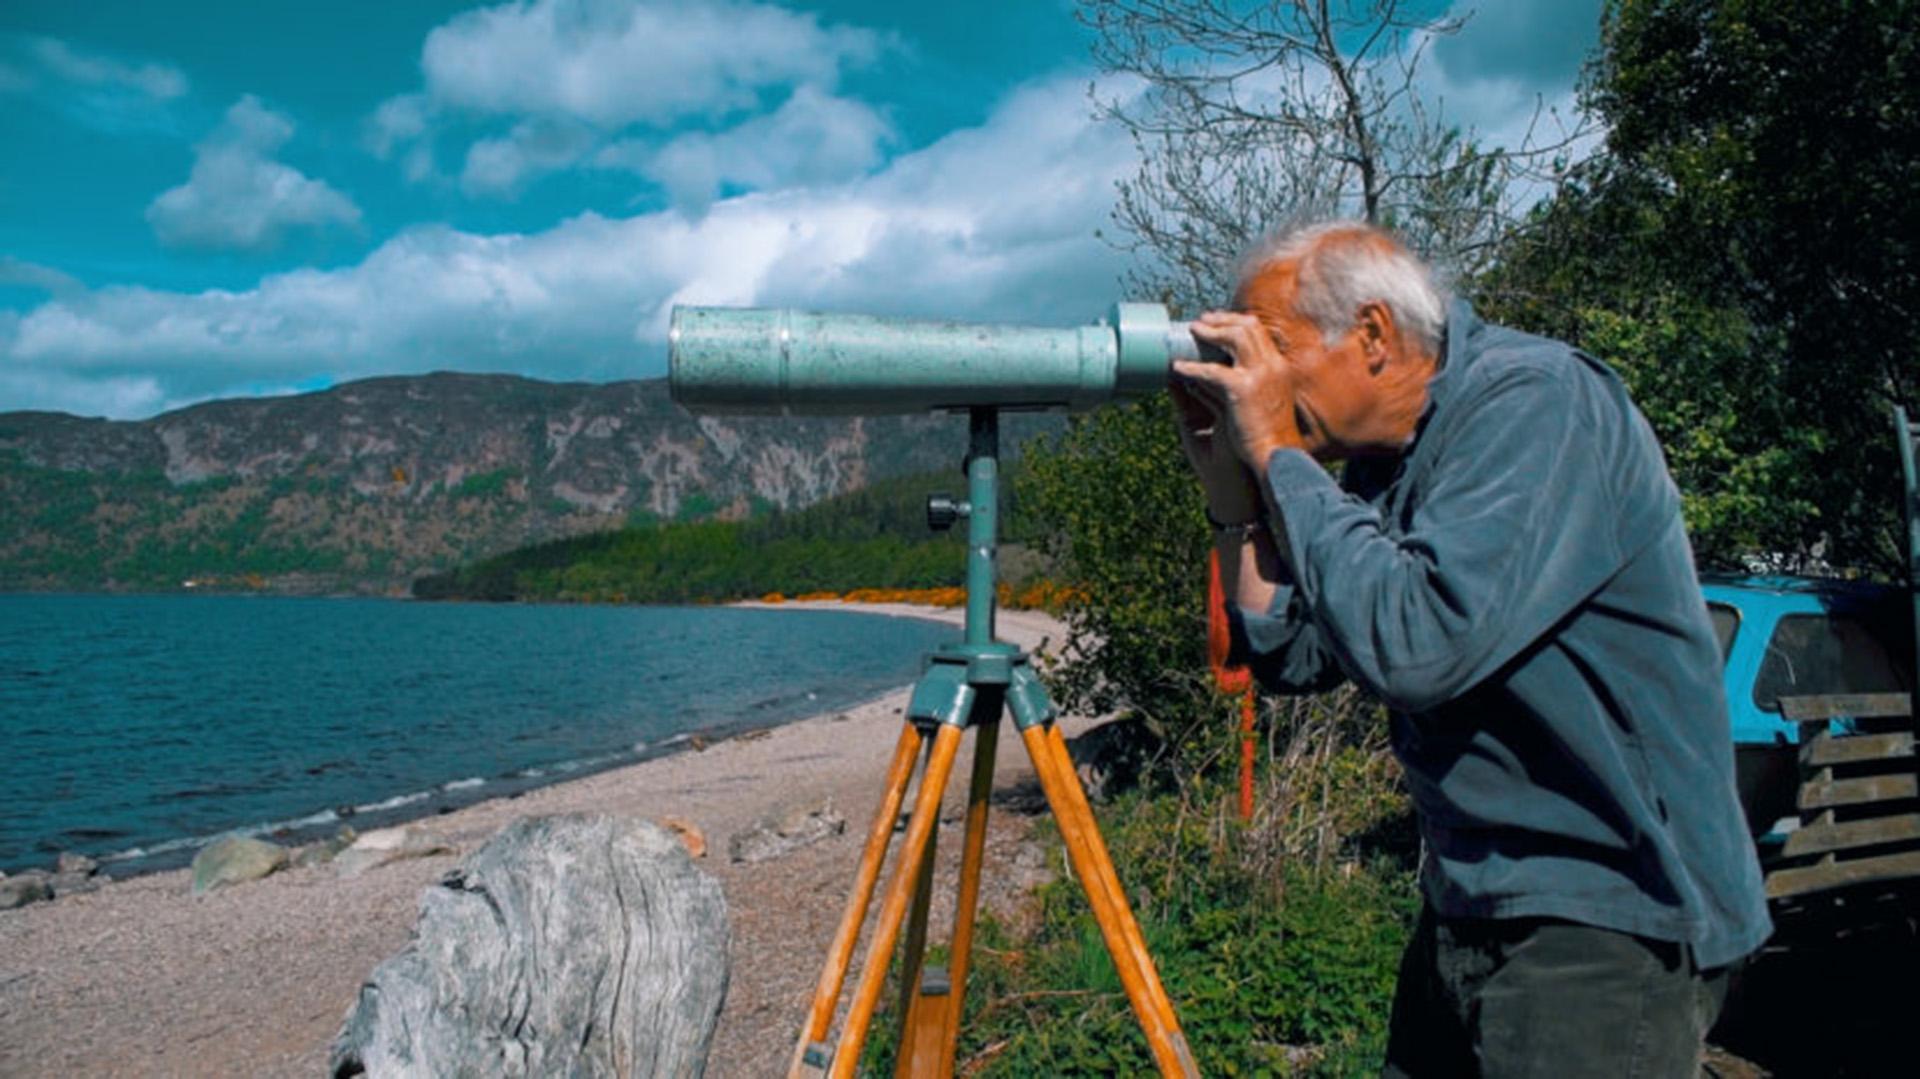 Feltham y su principal método: la observación con binoculares (UNILAD)